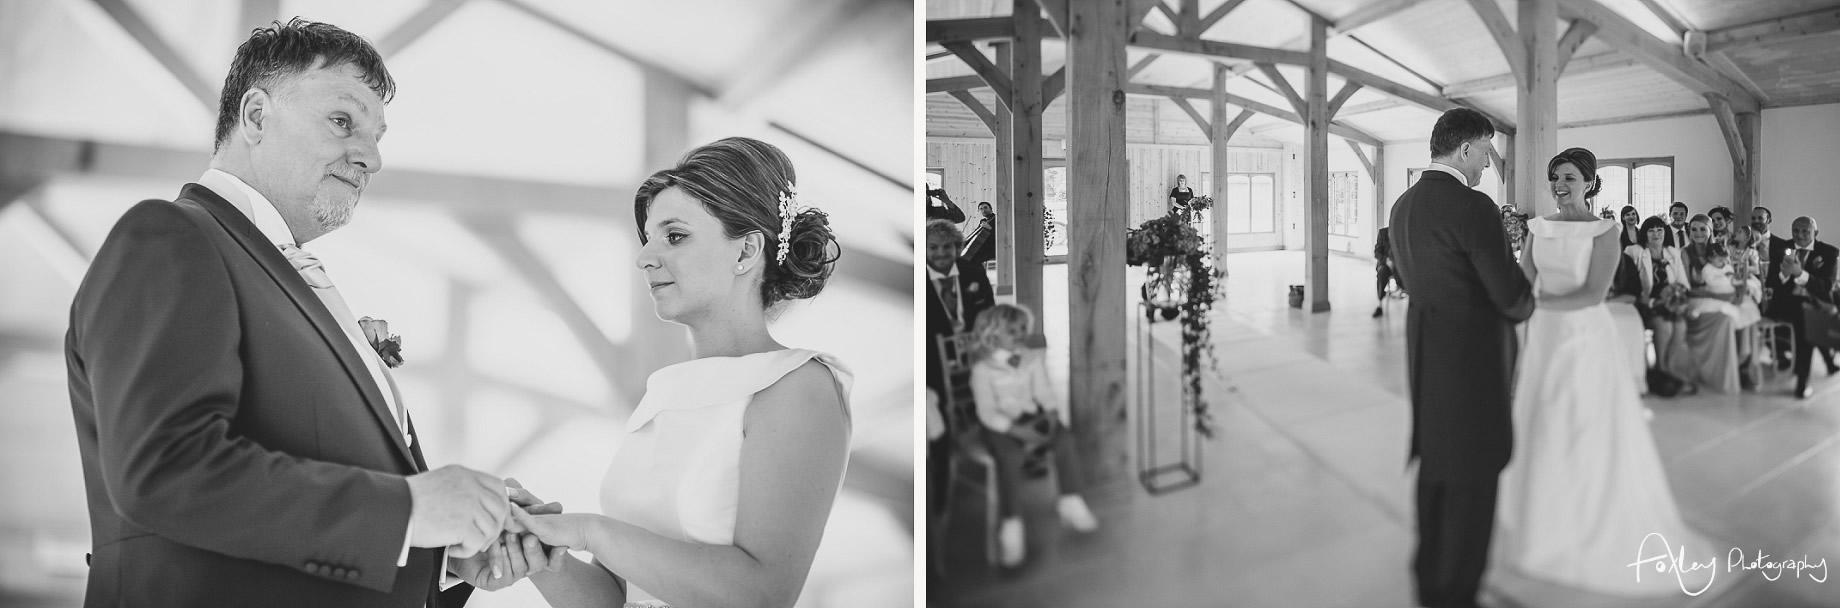 Simona-and-Robert-Wedding-at-Colshaw-Hall-105